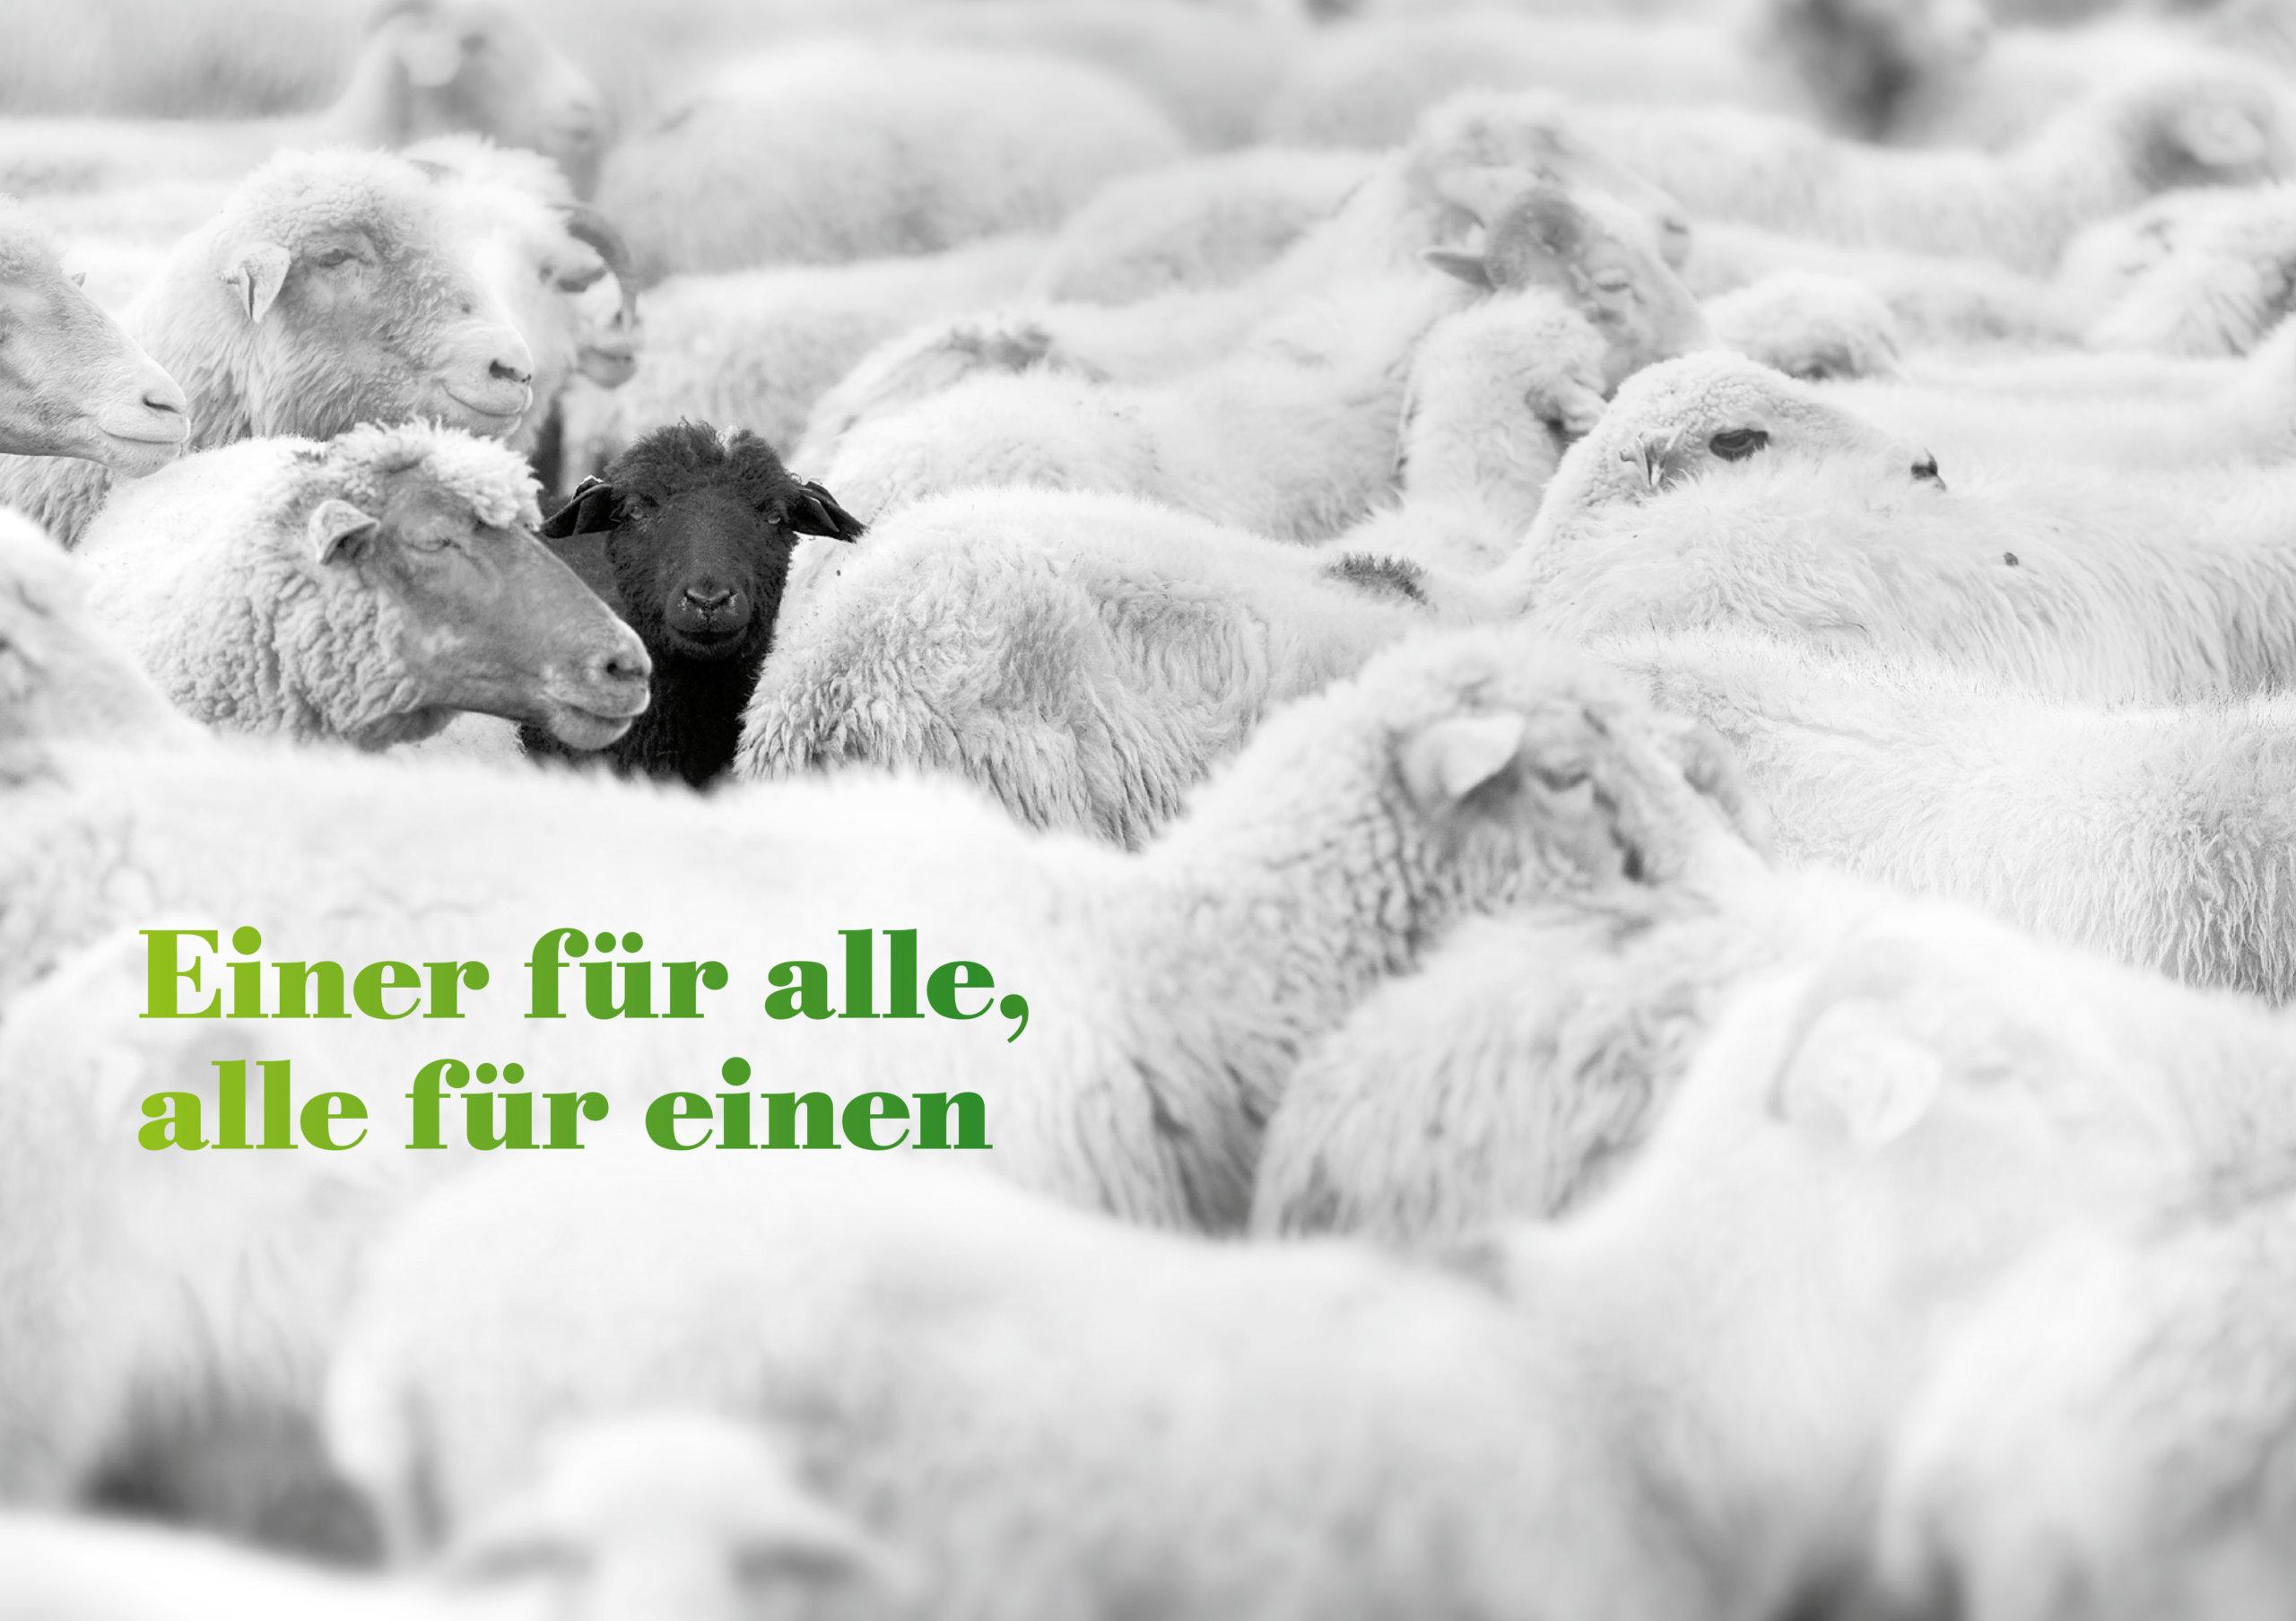 Weiße Schafherde mit einem schwarzen Schaf